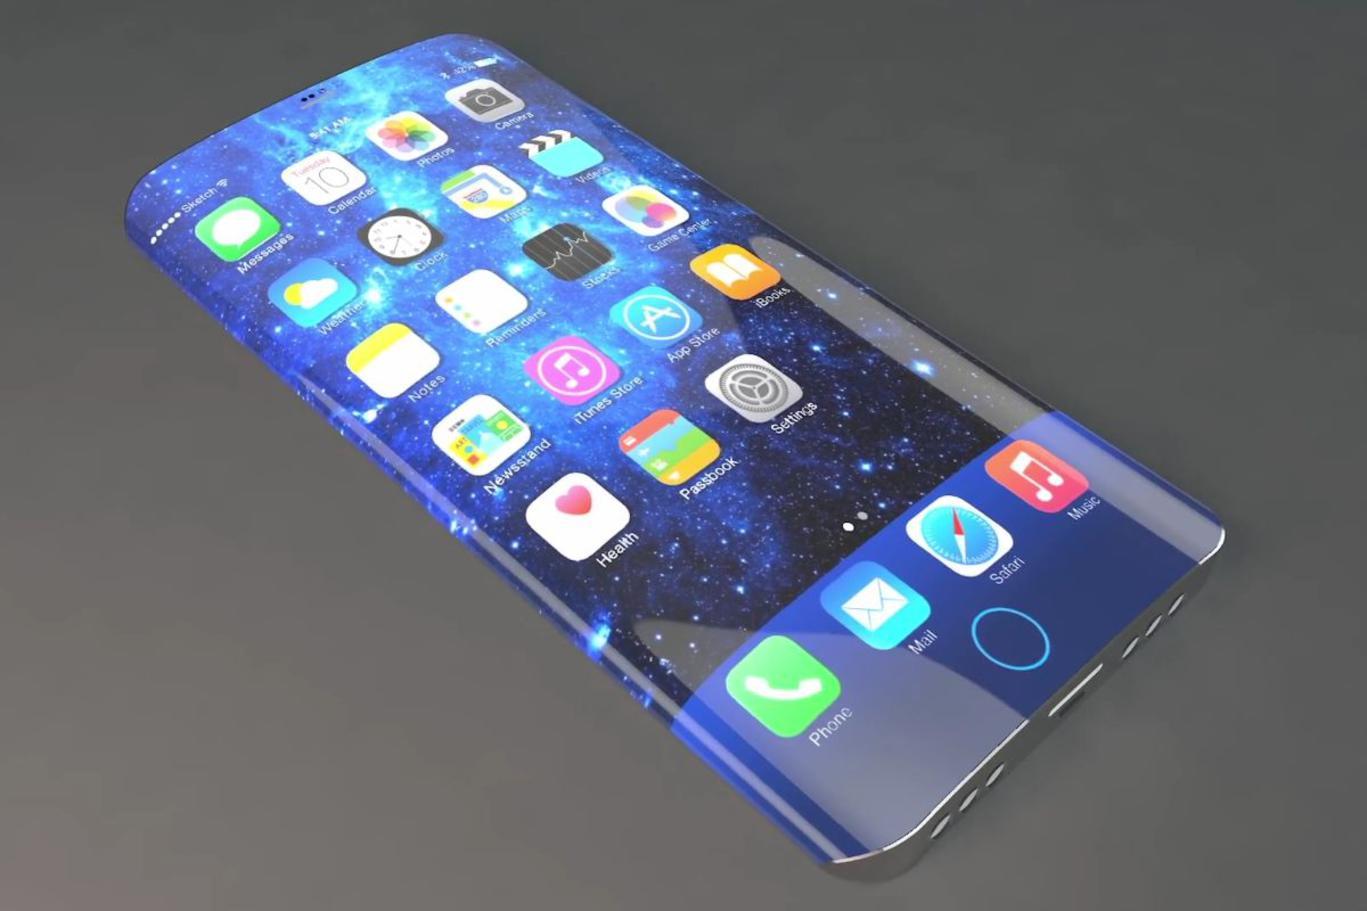 УМережі з'явилися точні характеристики нових iPhone